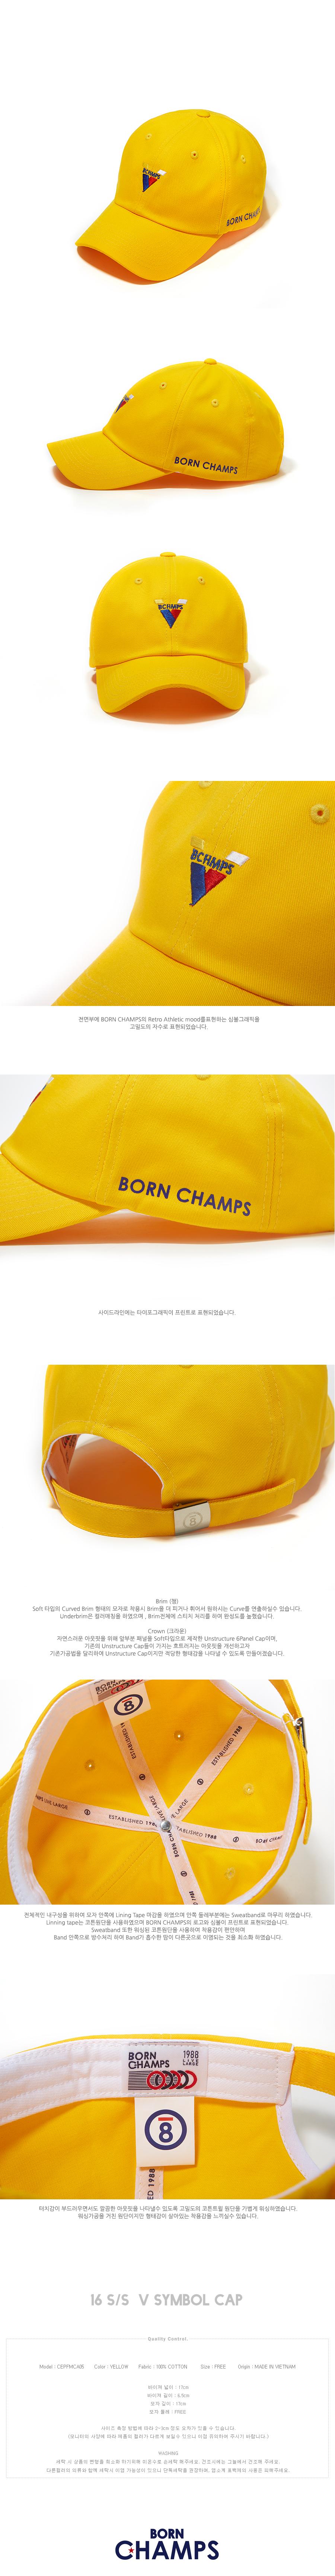 본챔스(BORN CHAMPS) V SYMBOL CAP YELLOW